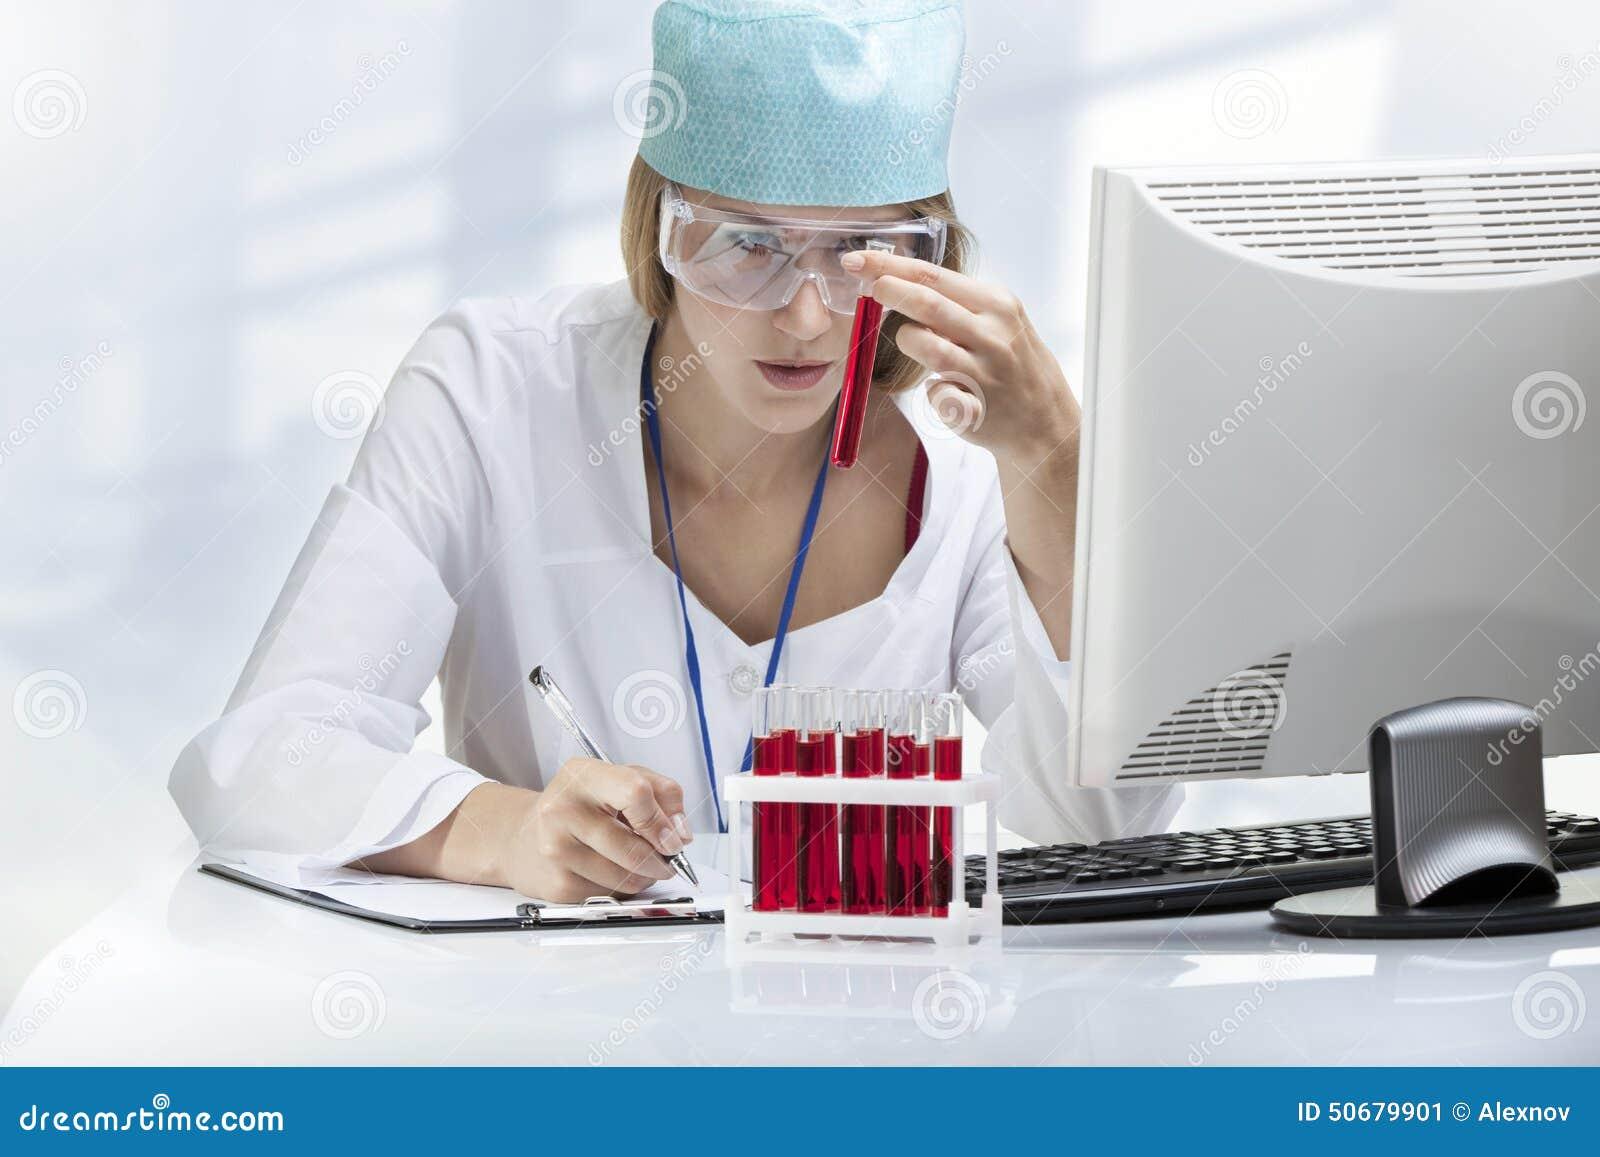 Download 审查试管的少妇科学家 库存图片. 图片 包括有 科学, 计算机, 水平, 设备, 颜色, 外套, 女性, 化学家 - 50679901